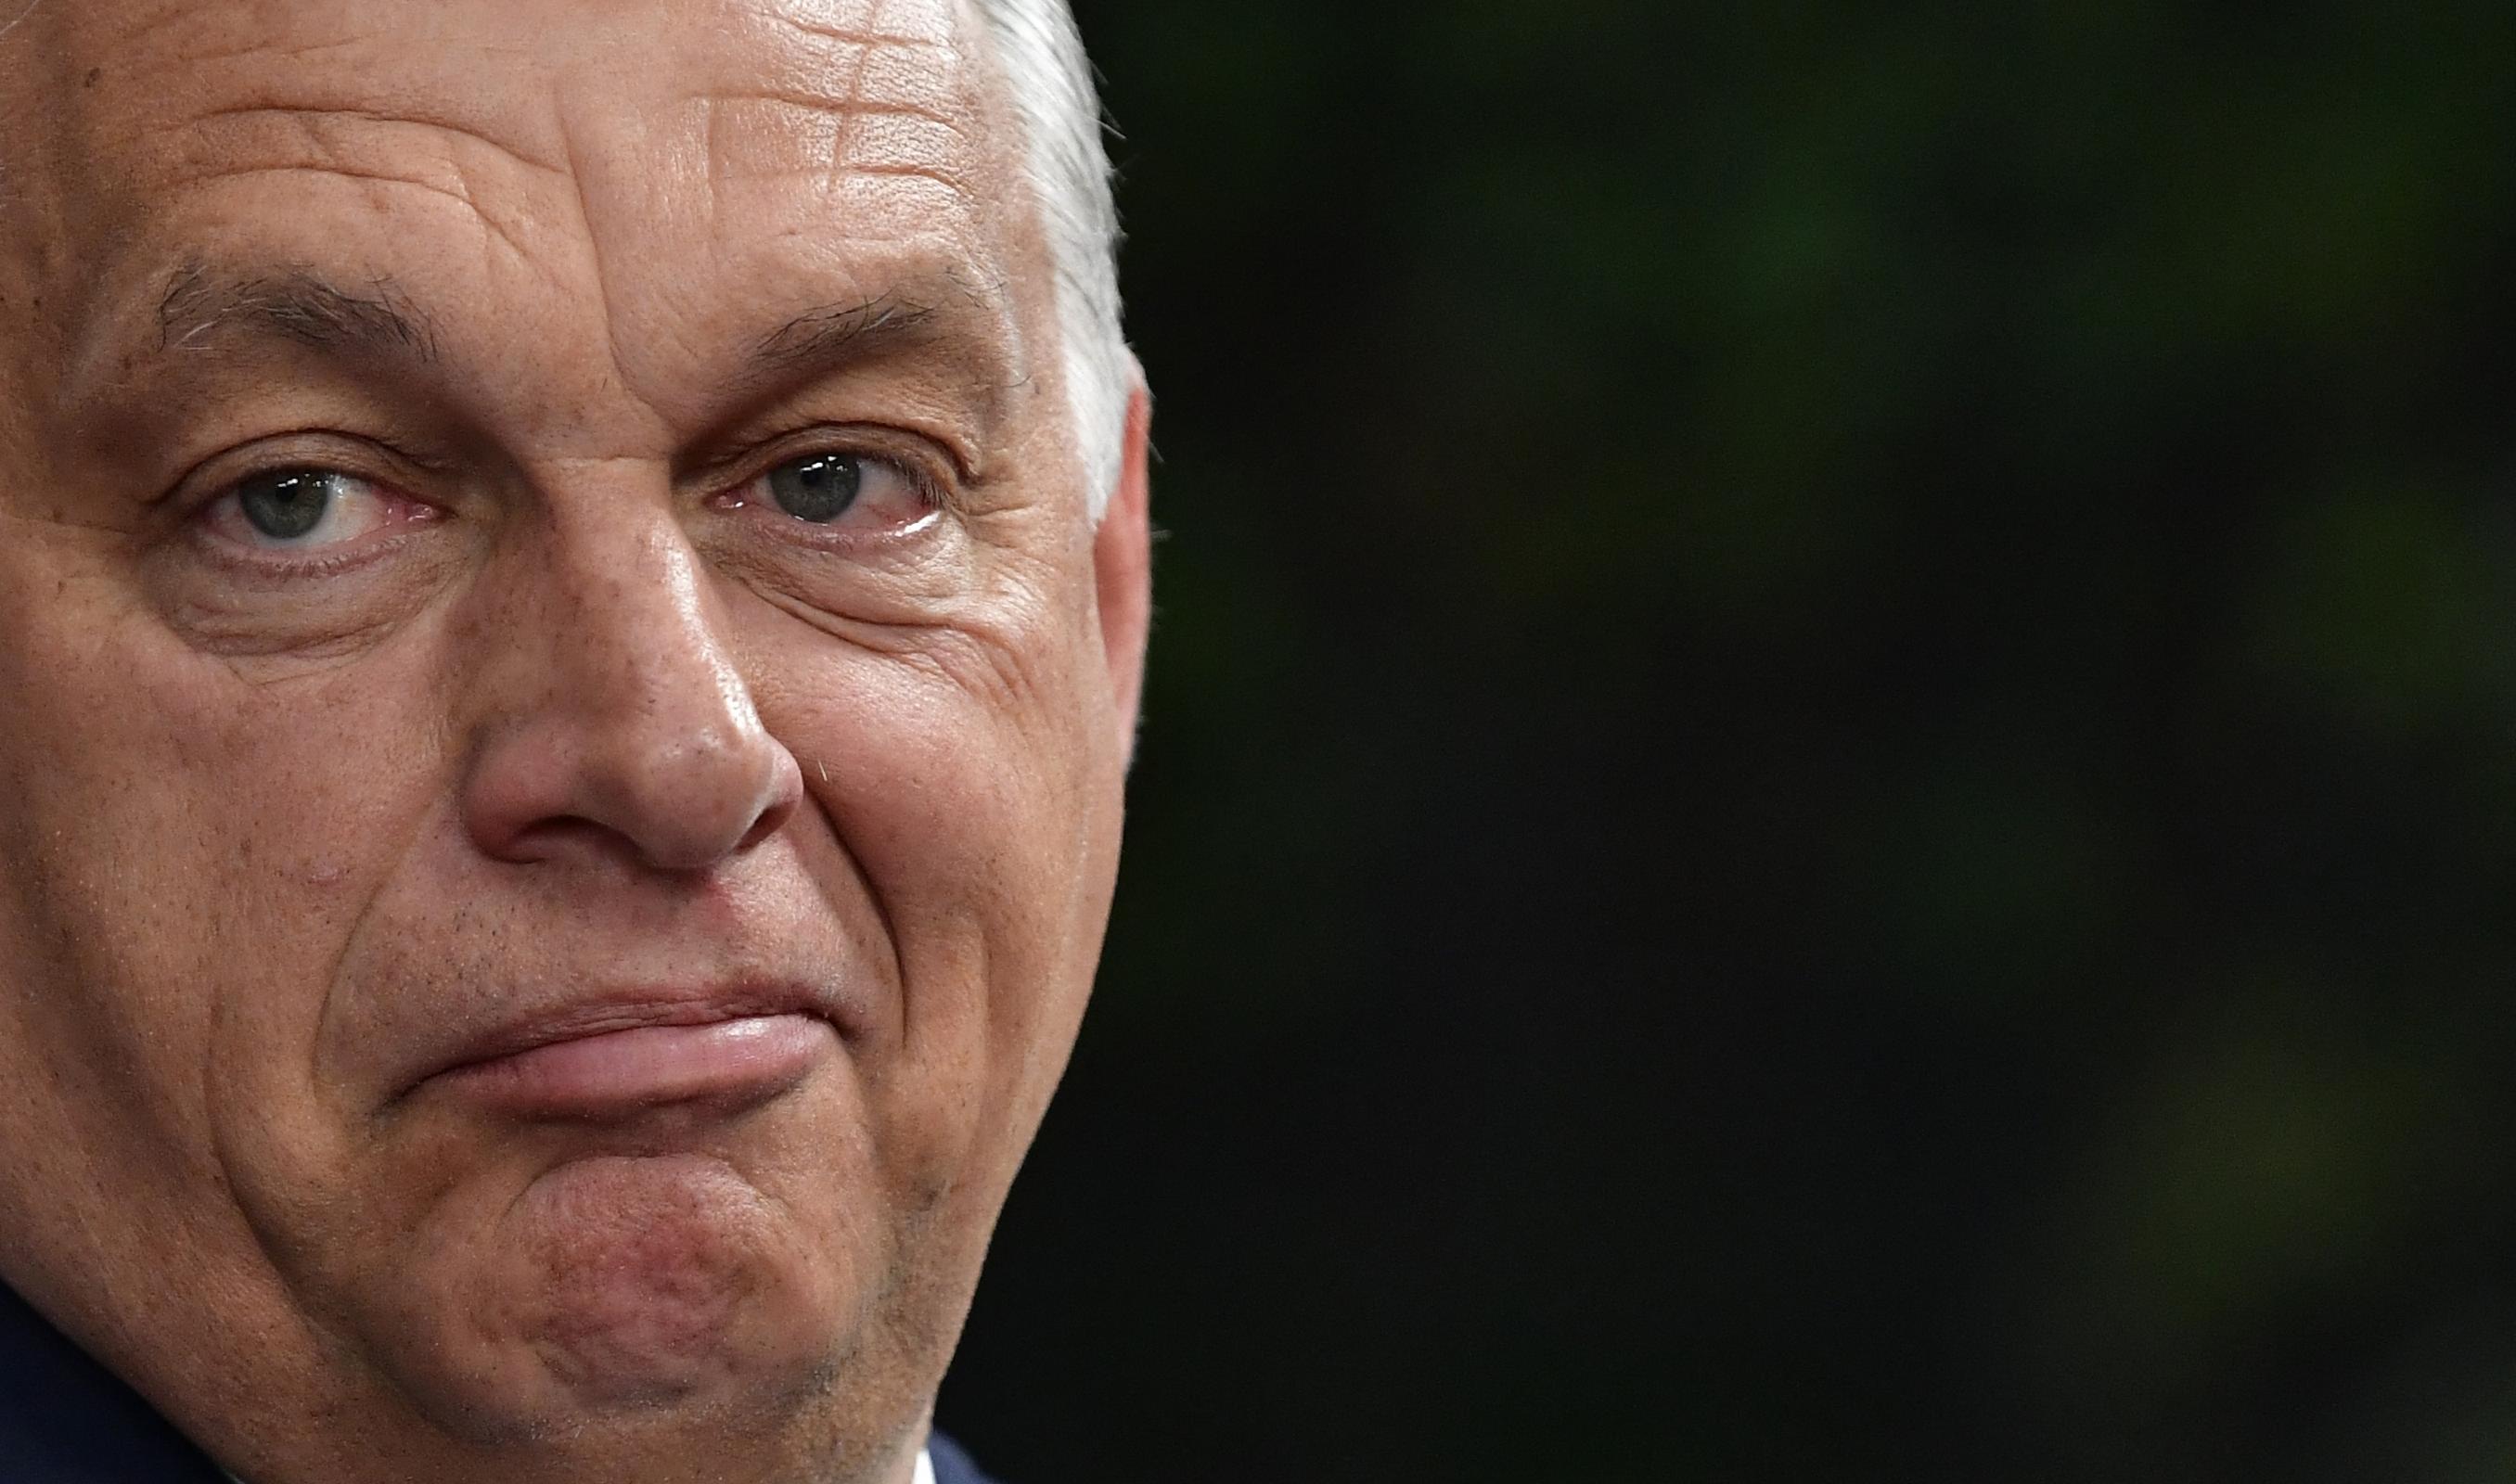 Transparency International: A magyarok 54 százaléka szerint a kormányt nem a közjó vezérli, hanem néhány jelentősebb szereplő magánérdeke